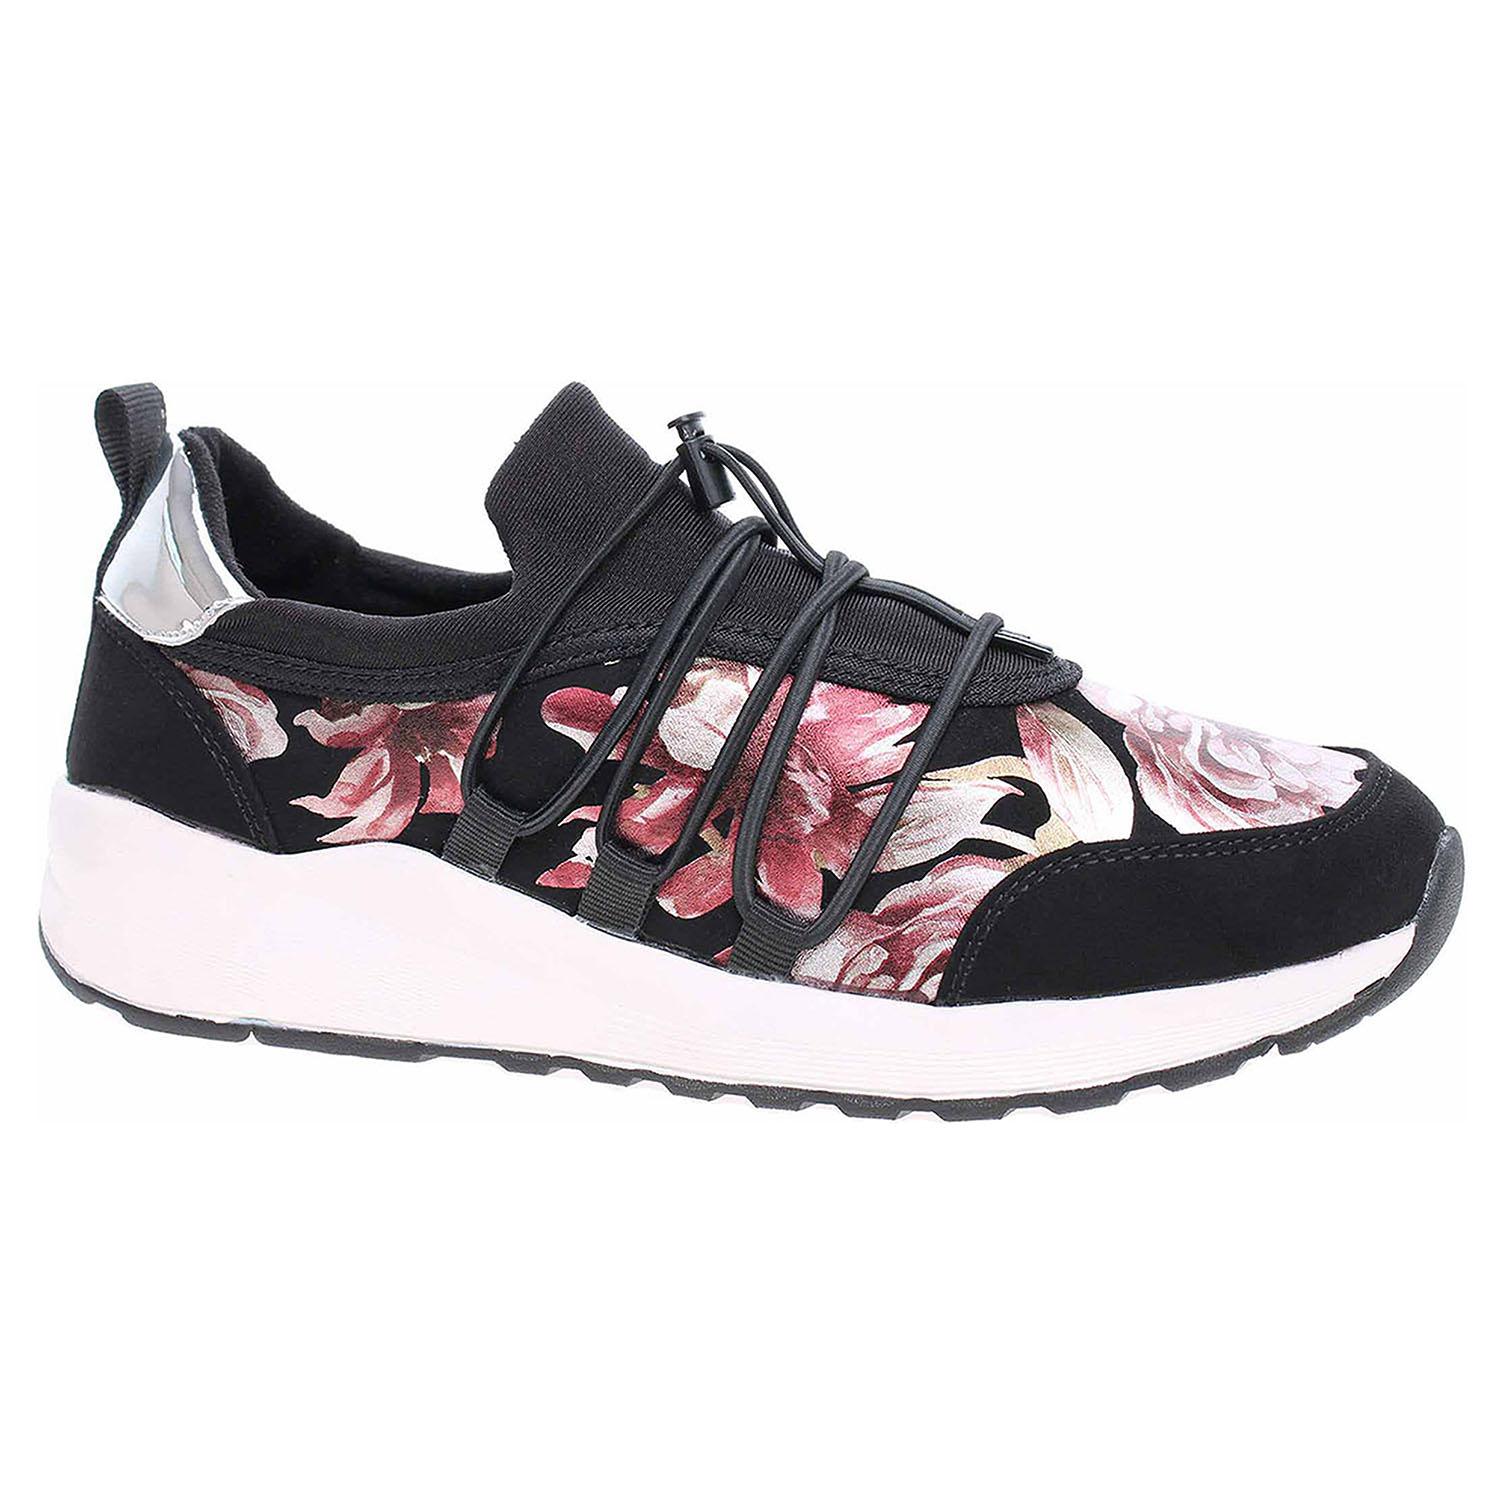 Dámská obuv s.Oliver 5-23616-22 black comb 5-5-23616-22 098 39